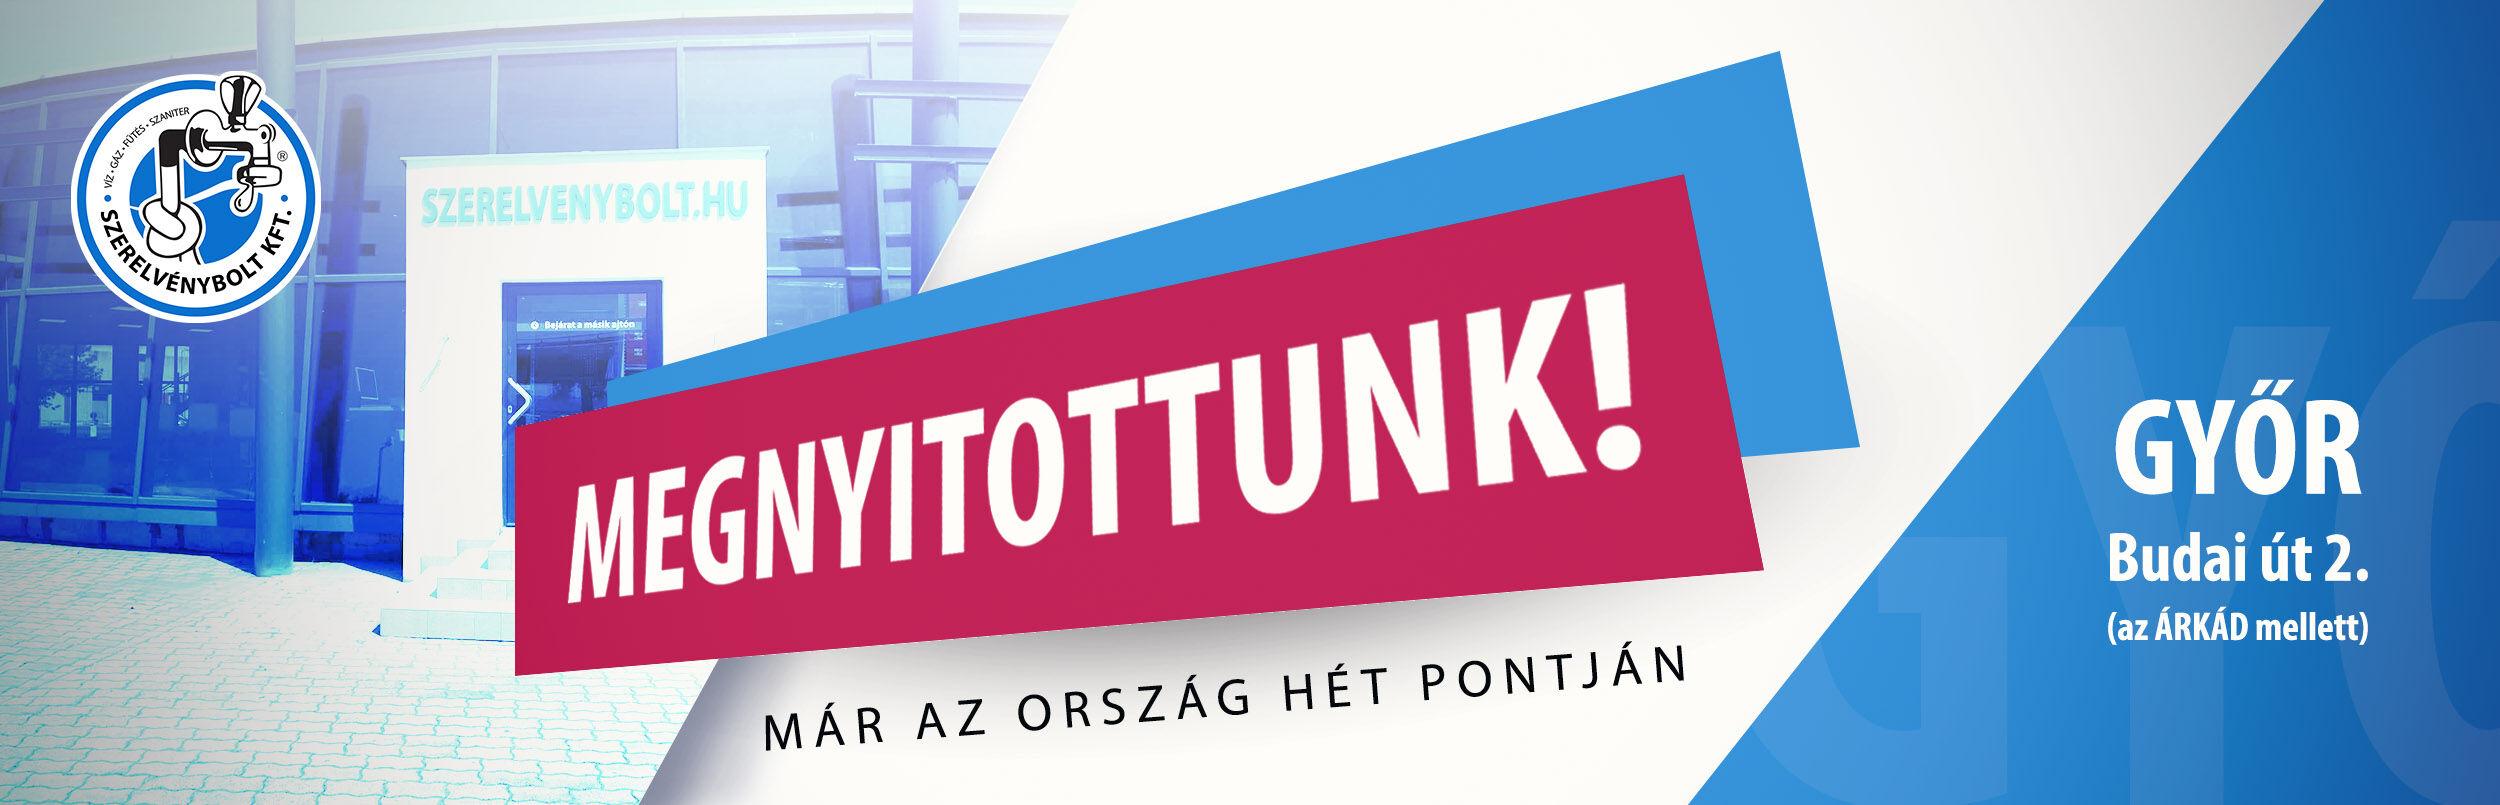 Győri banner